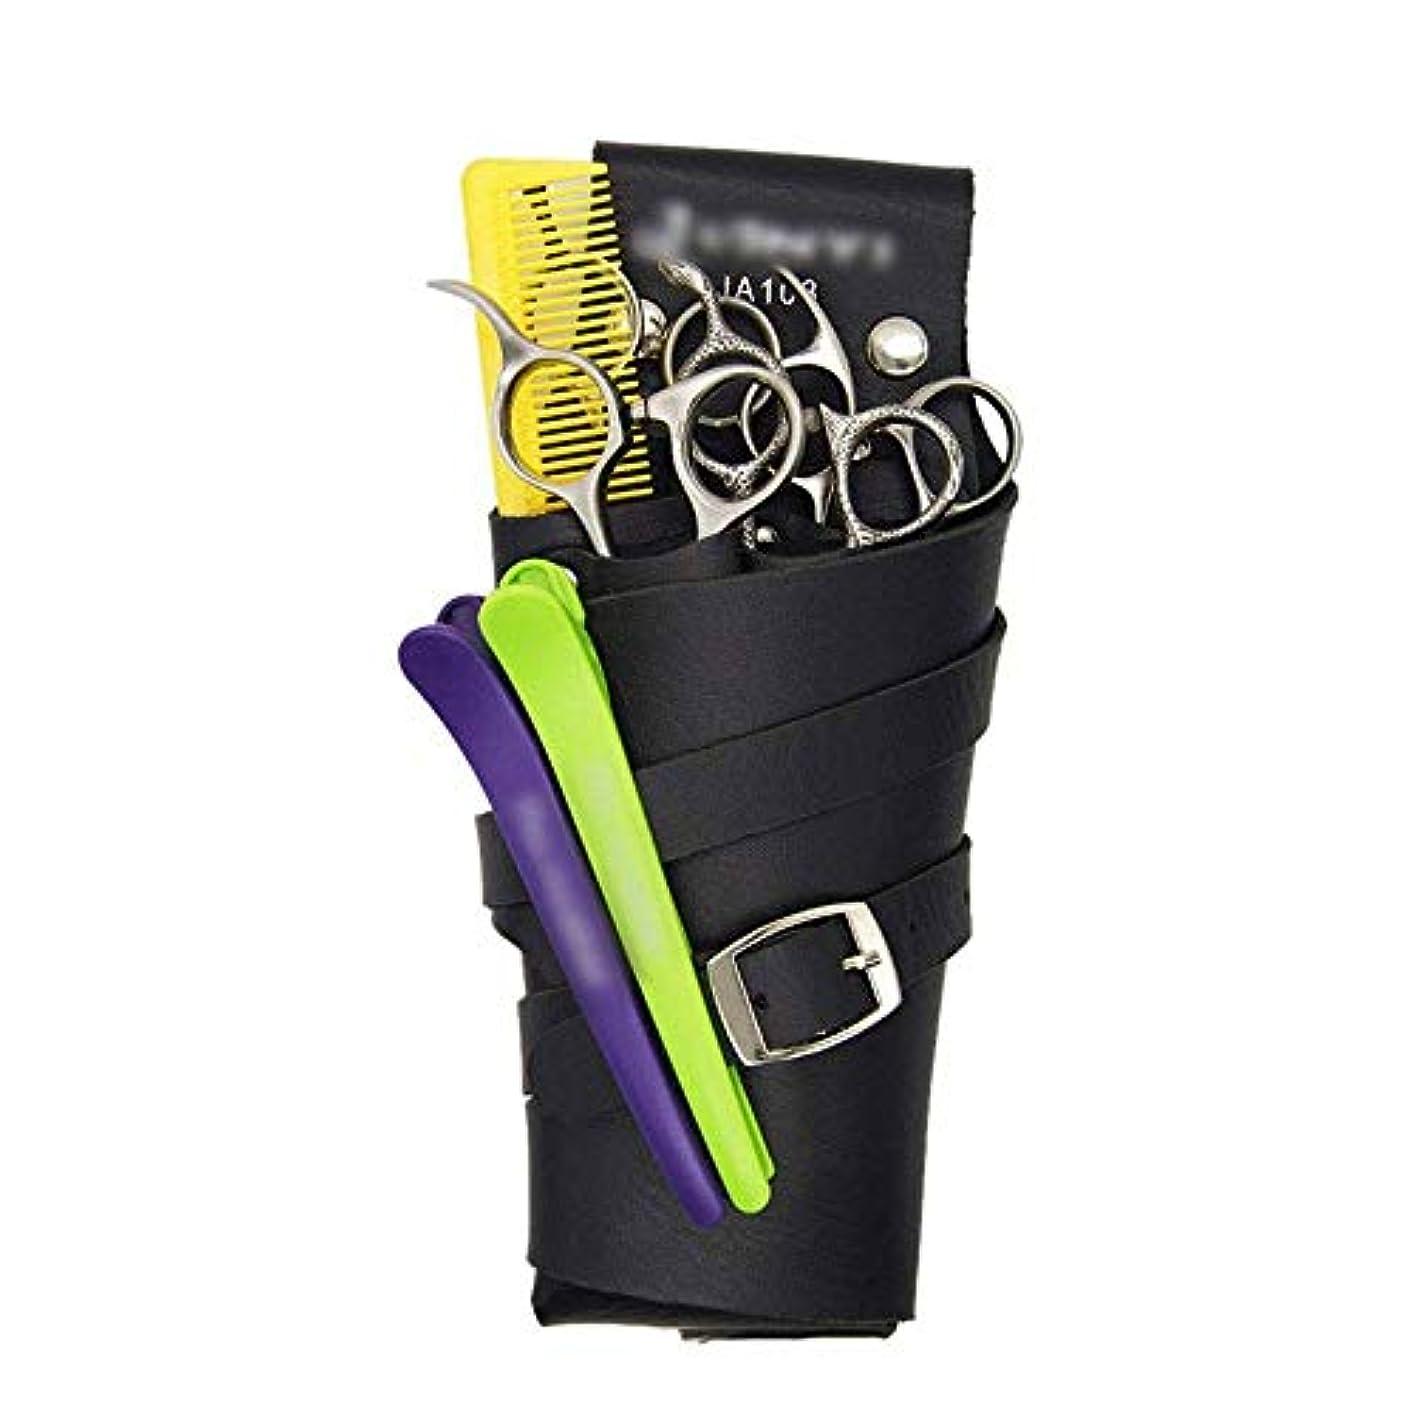 書誌米国オールYWAWJ ウエストショルダーベルト付き美容サロンのヘアスタイリストウエストホルダーケースバッグスタイリストのためのベルトとシザーポーチホルスター (Color : Black)